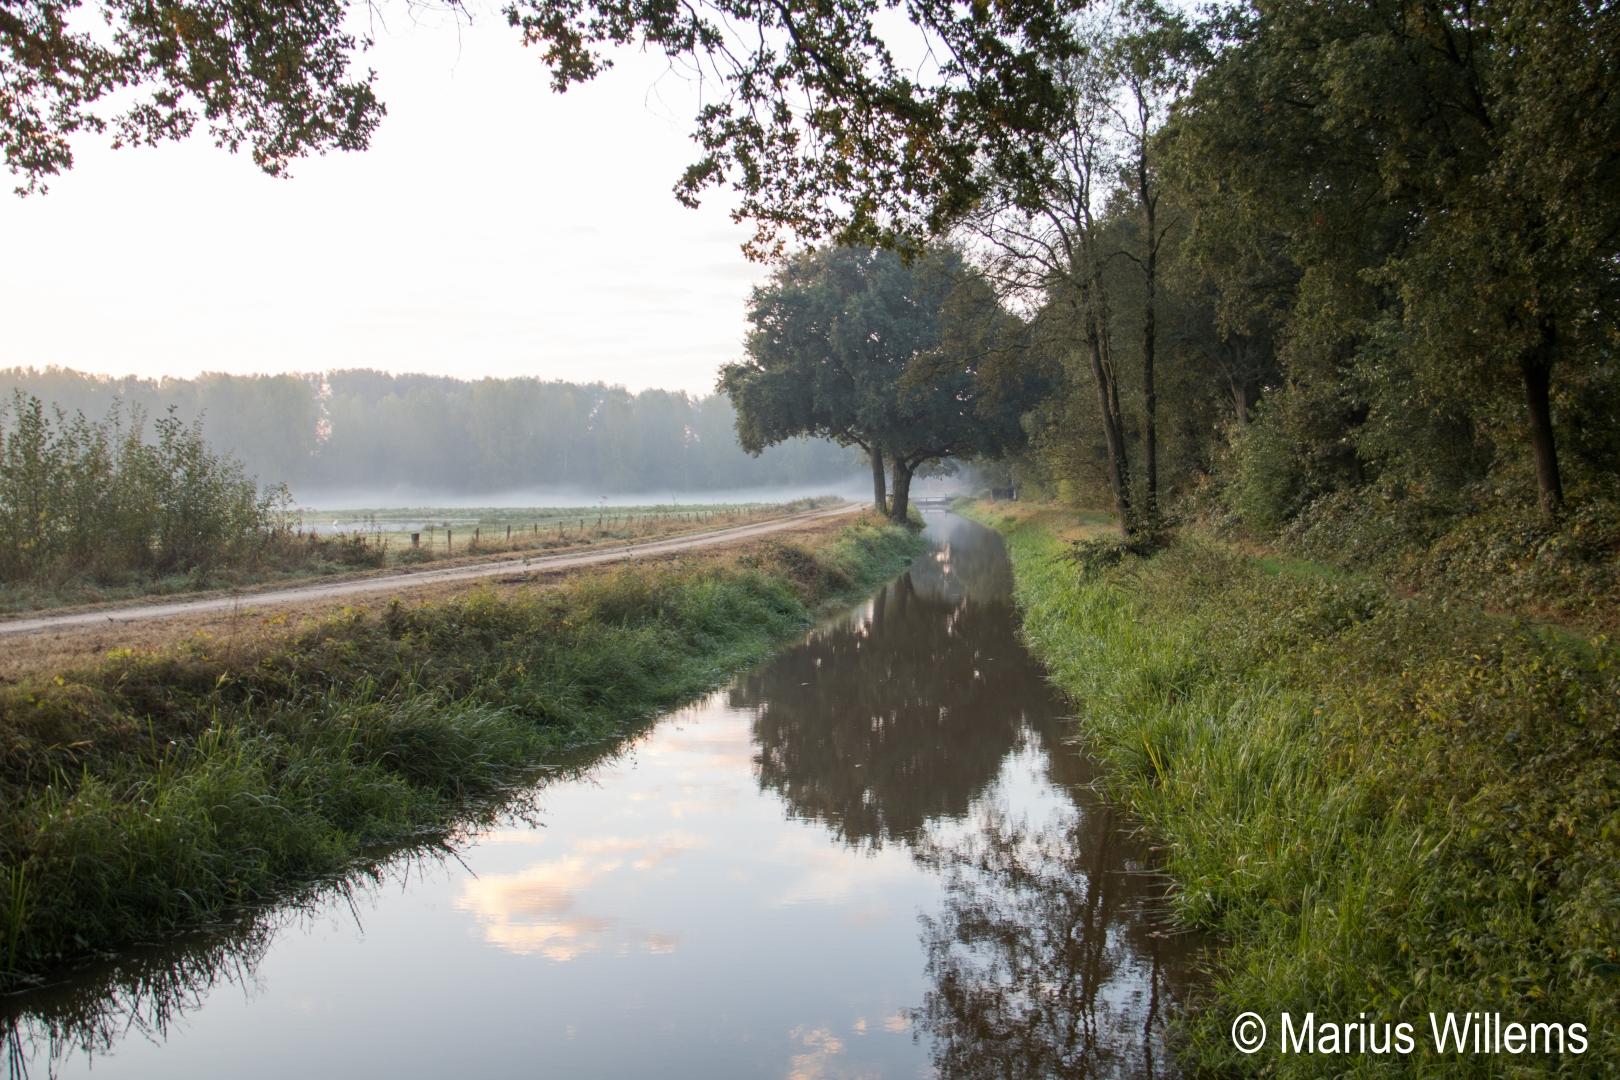 Marius Willems